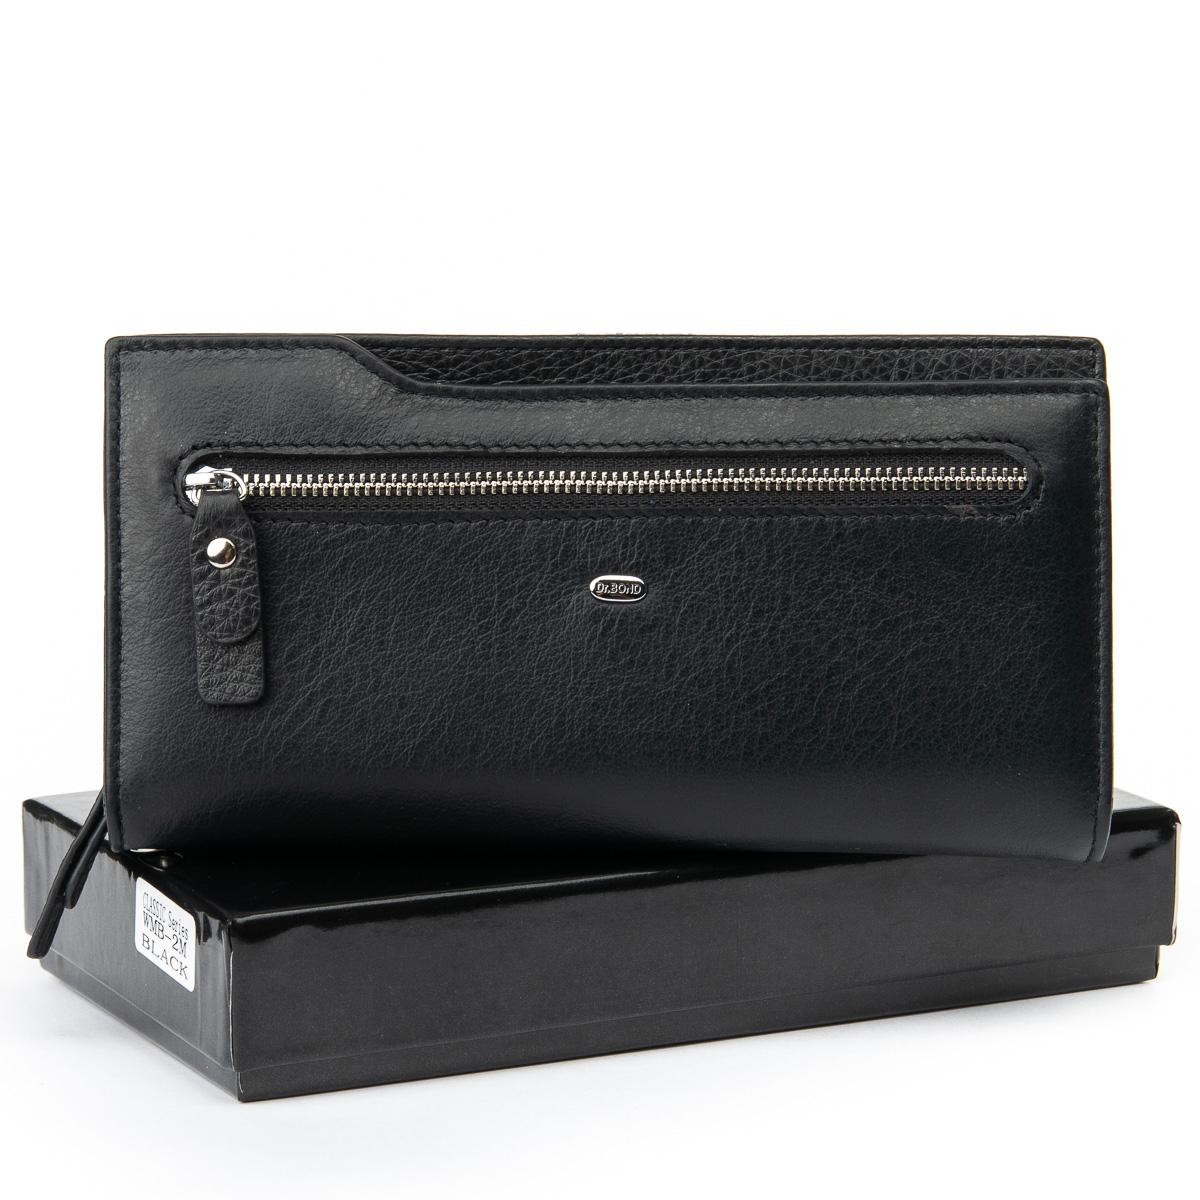 Популярный мужской клатч «Dr.Bond» из качественной натуральной кожи купить. Цена 998 грн